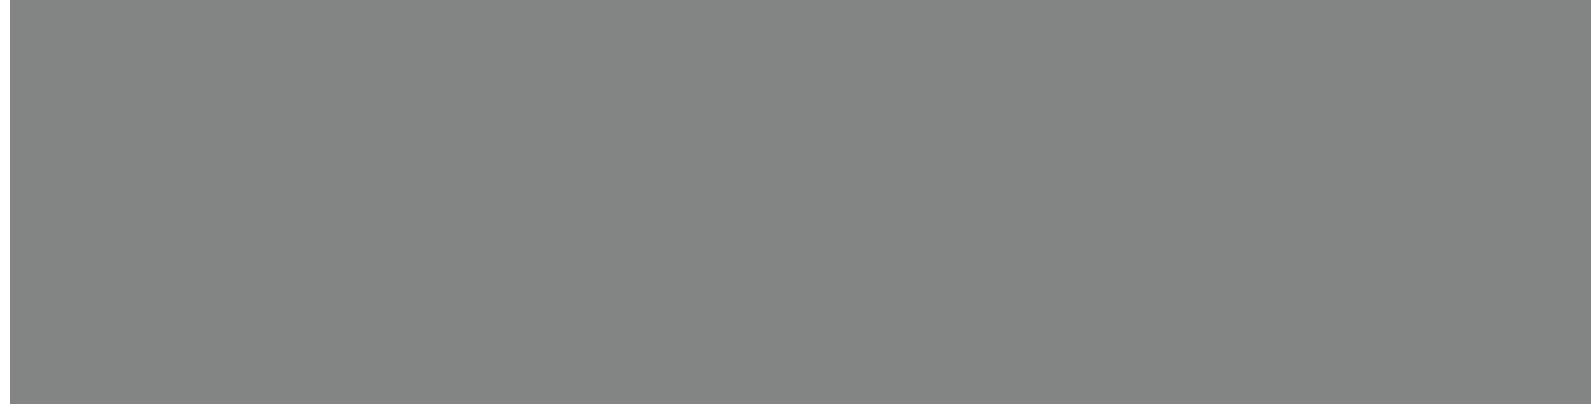 Client Logo Grey - L John Morelli